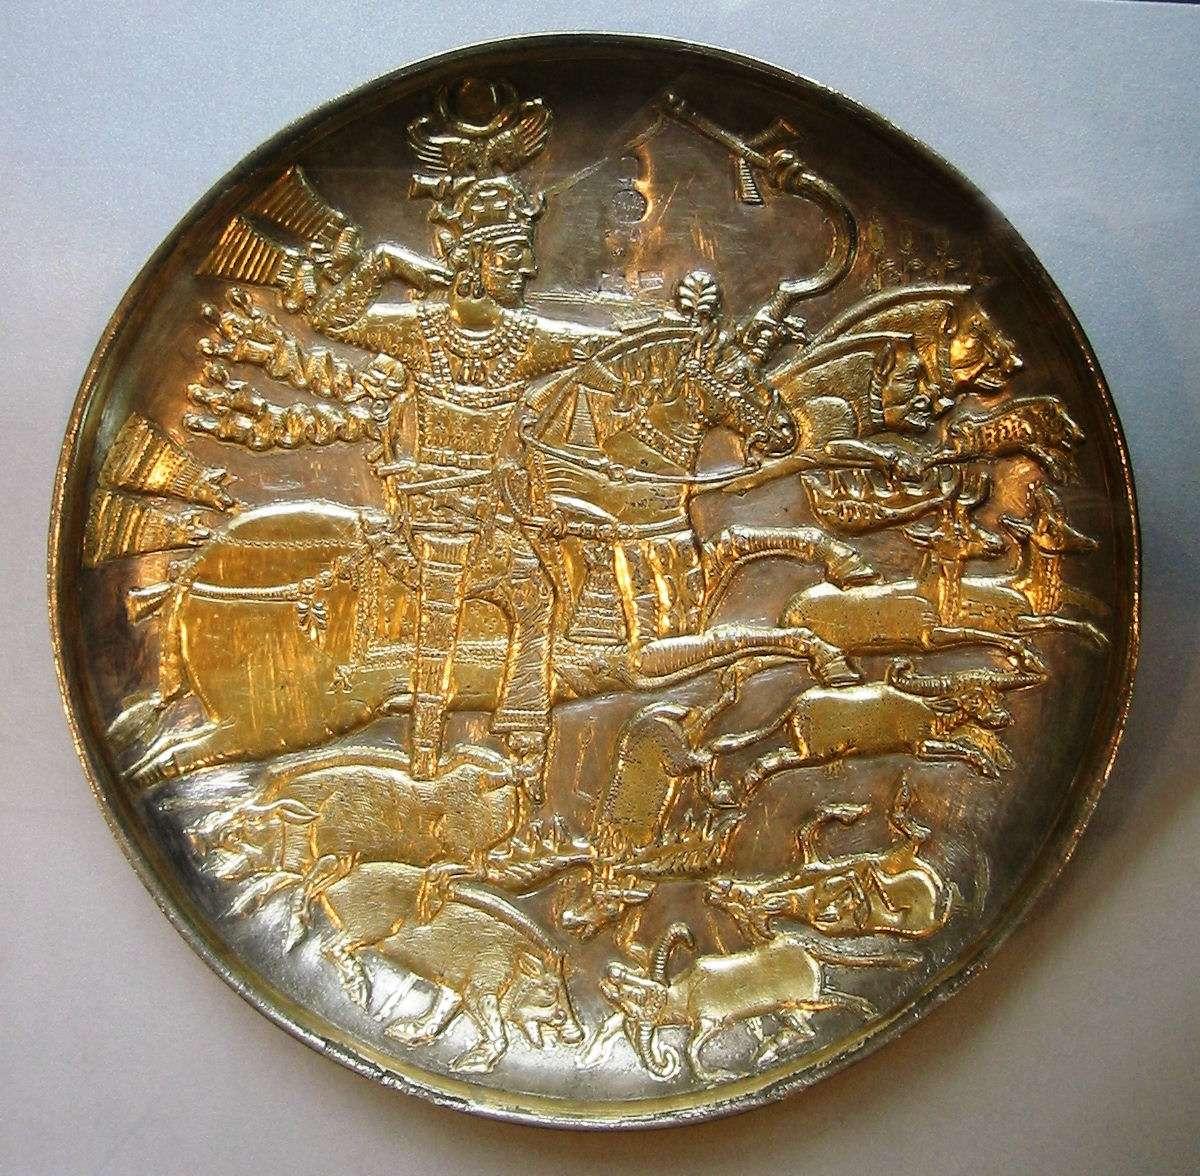 Ο Χοσρόης Α΄ της Περσίας ήταν ο 20ος βασιλιάς της Περσίας από την Δυναστεία των Σασσανιδών και ο κορυφαίος Πέρσης βασιλιάς όλων των εποχών, βασίλευσε μεταξύ 531 και 579 ευνοούμενος γιος και διάδοχος του βασιλιά της Περσίας Καβάδη Α΄. Ονομάστηκε από τους υπηκόους του «Ανουσιρβάν» δηλαδή αθάνατη ψυχή και από τους φιλοσόφους «φιλόσοφος βασιλιάς».